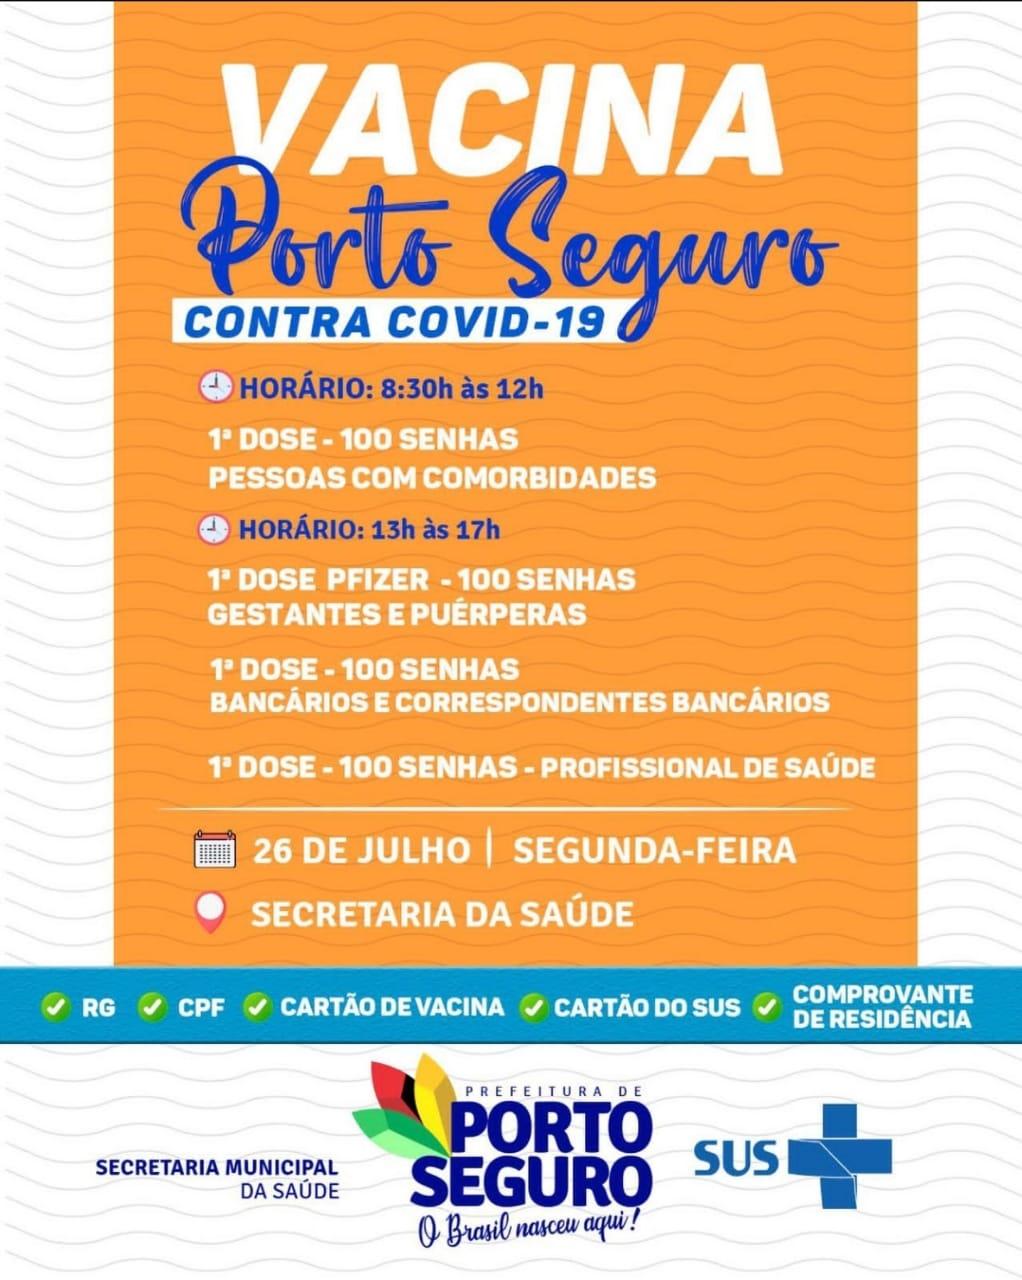 Vacina Porto Seguro contra Covid-19; cronograma de vacinação de 26 a 28 de julho 30